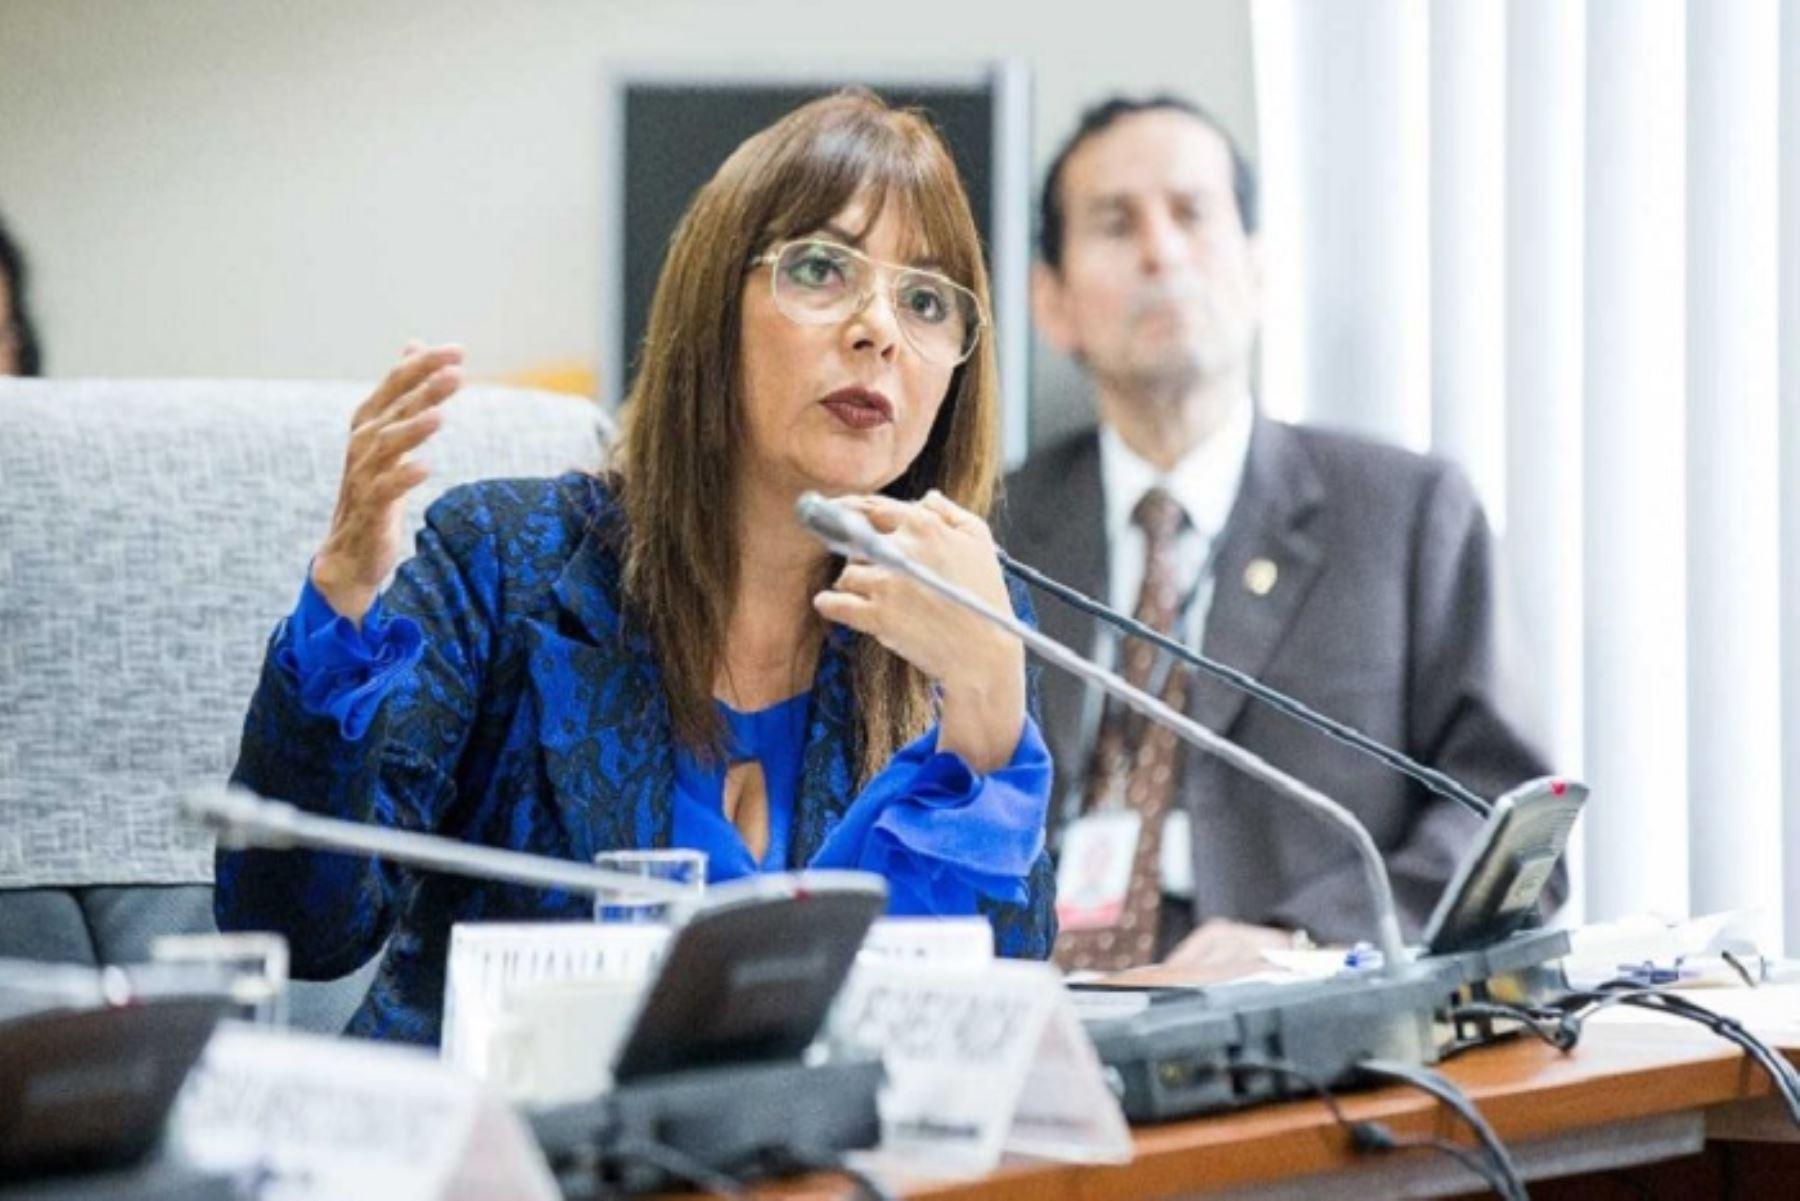 Midis también impulsará iniciativa de Haku Wiñay Joven para los jóvenes rurales del país, adelantó la ministra Desarrollo e Inclusión Social, Liliana La Rosa.